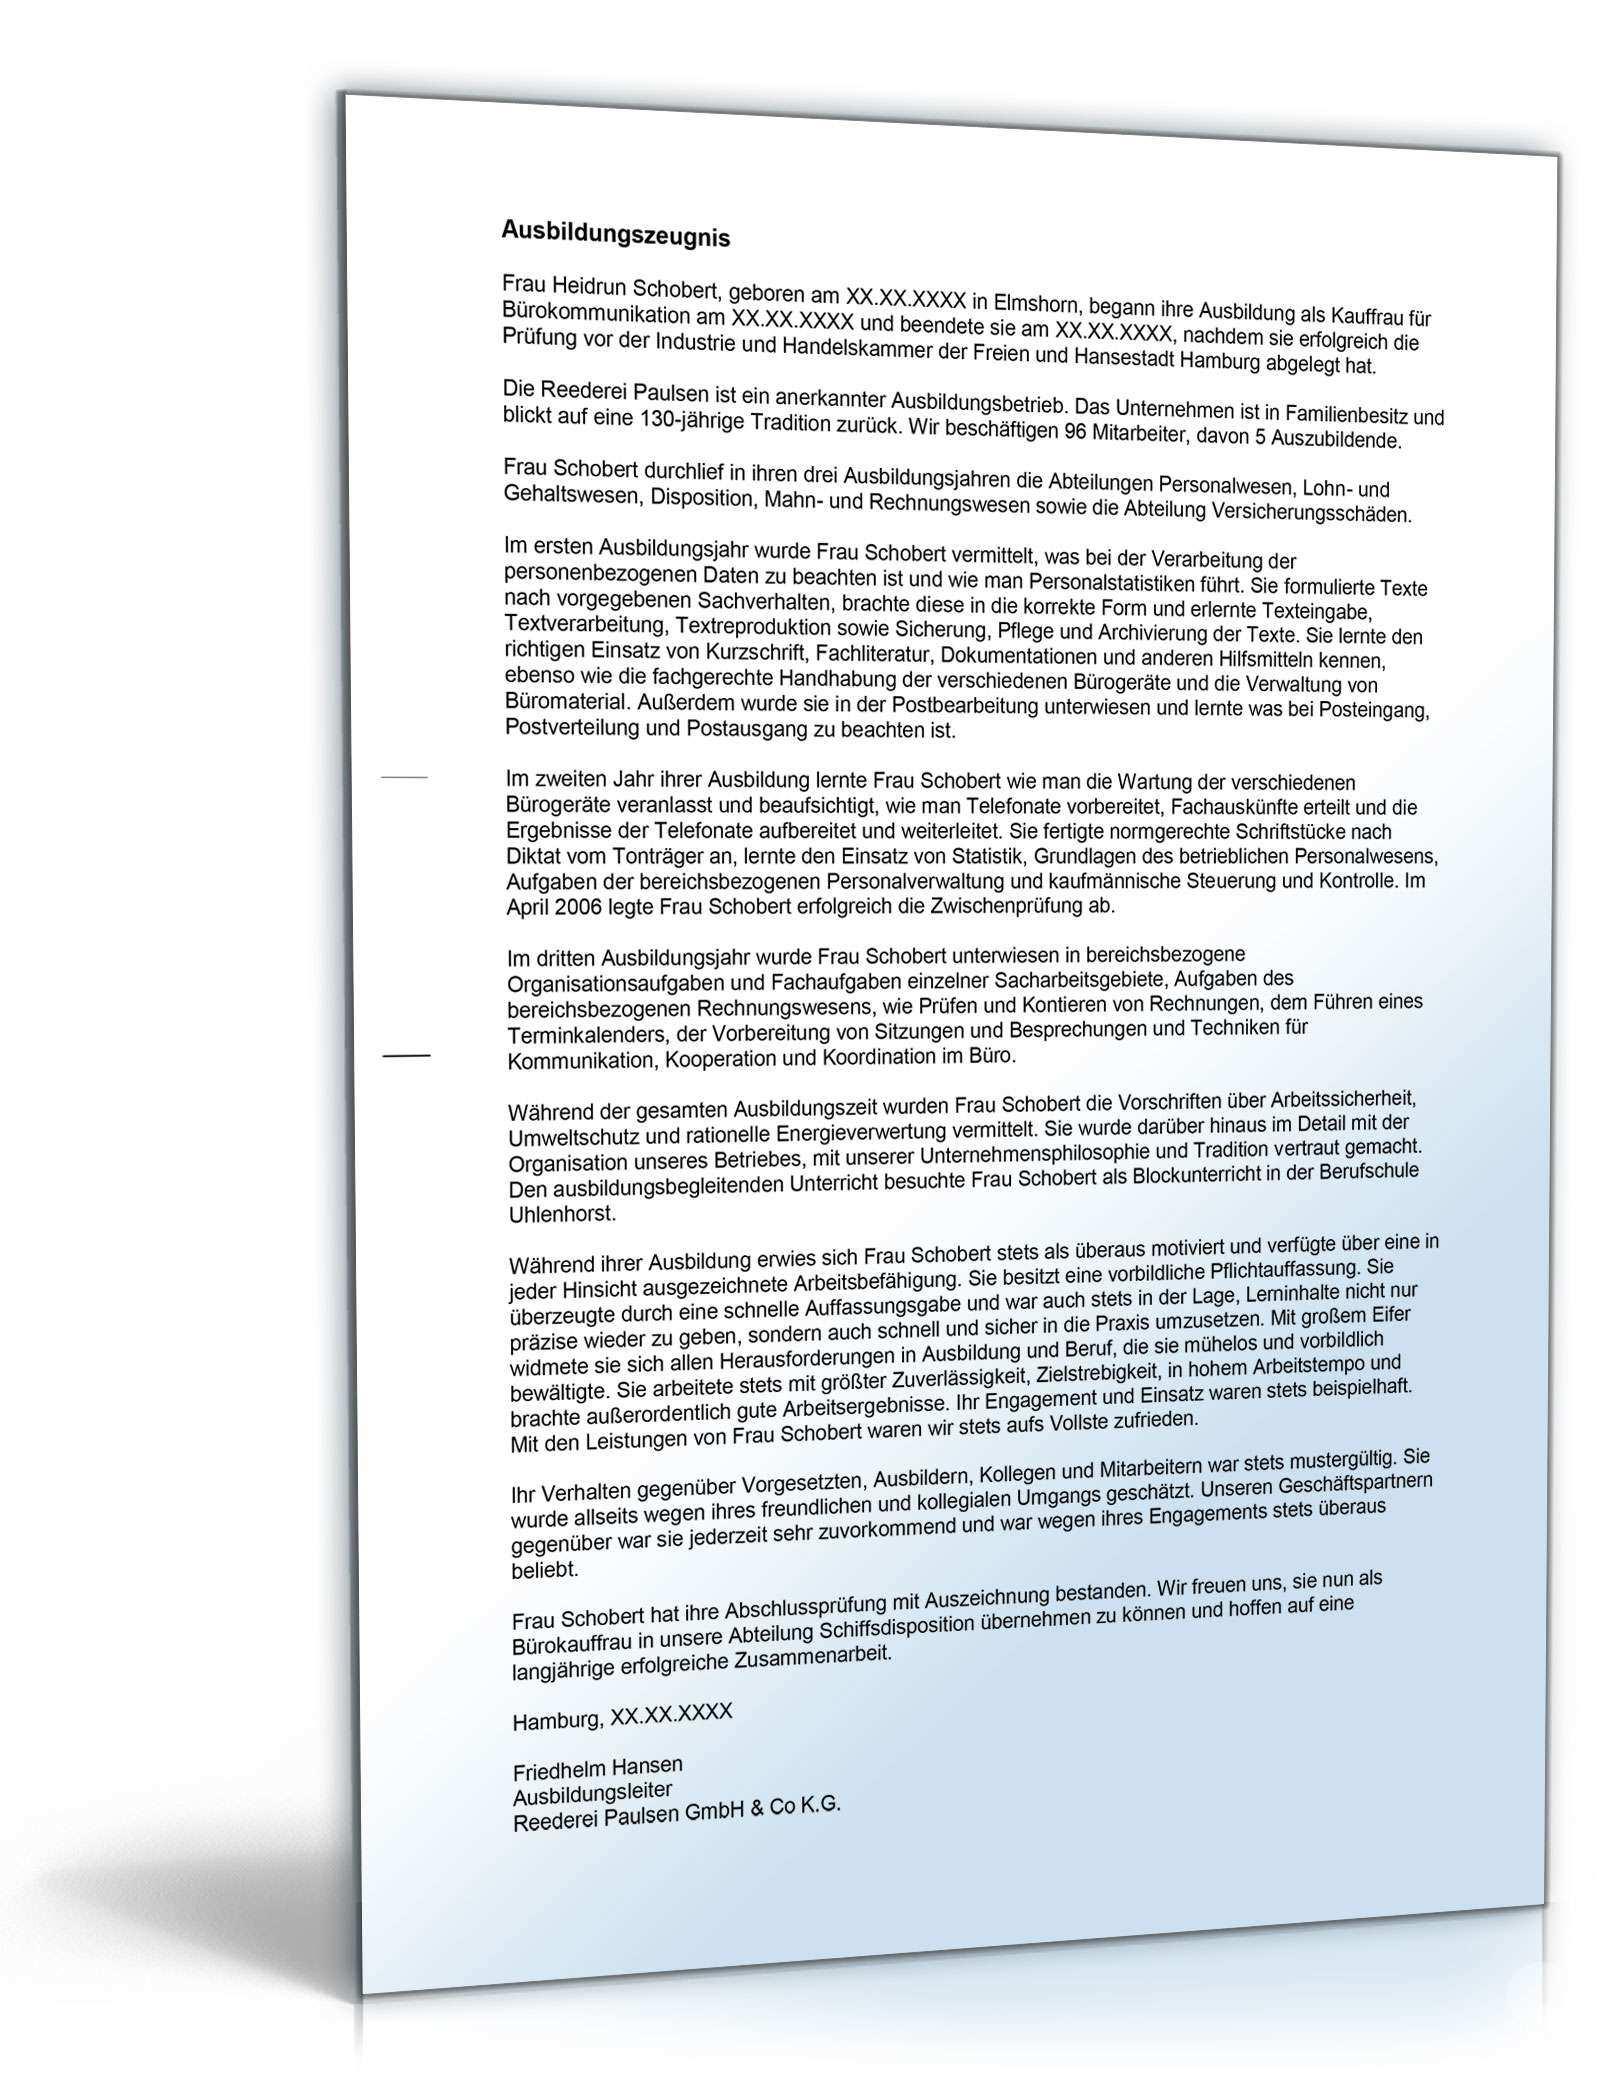 Ausbildungszeugnis Burokauffrau Muster Zum Download